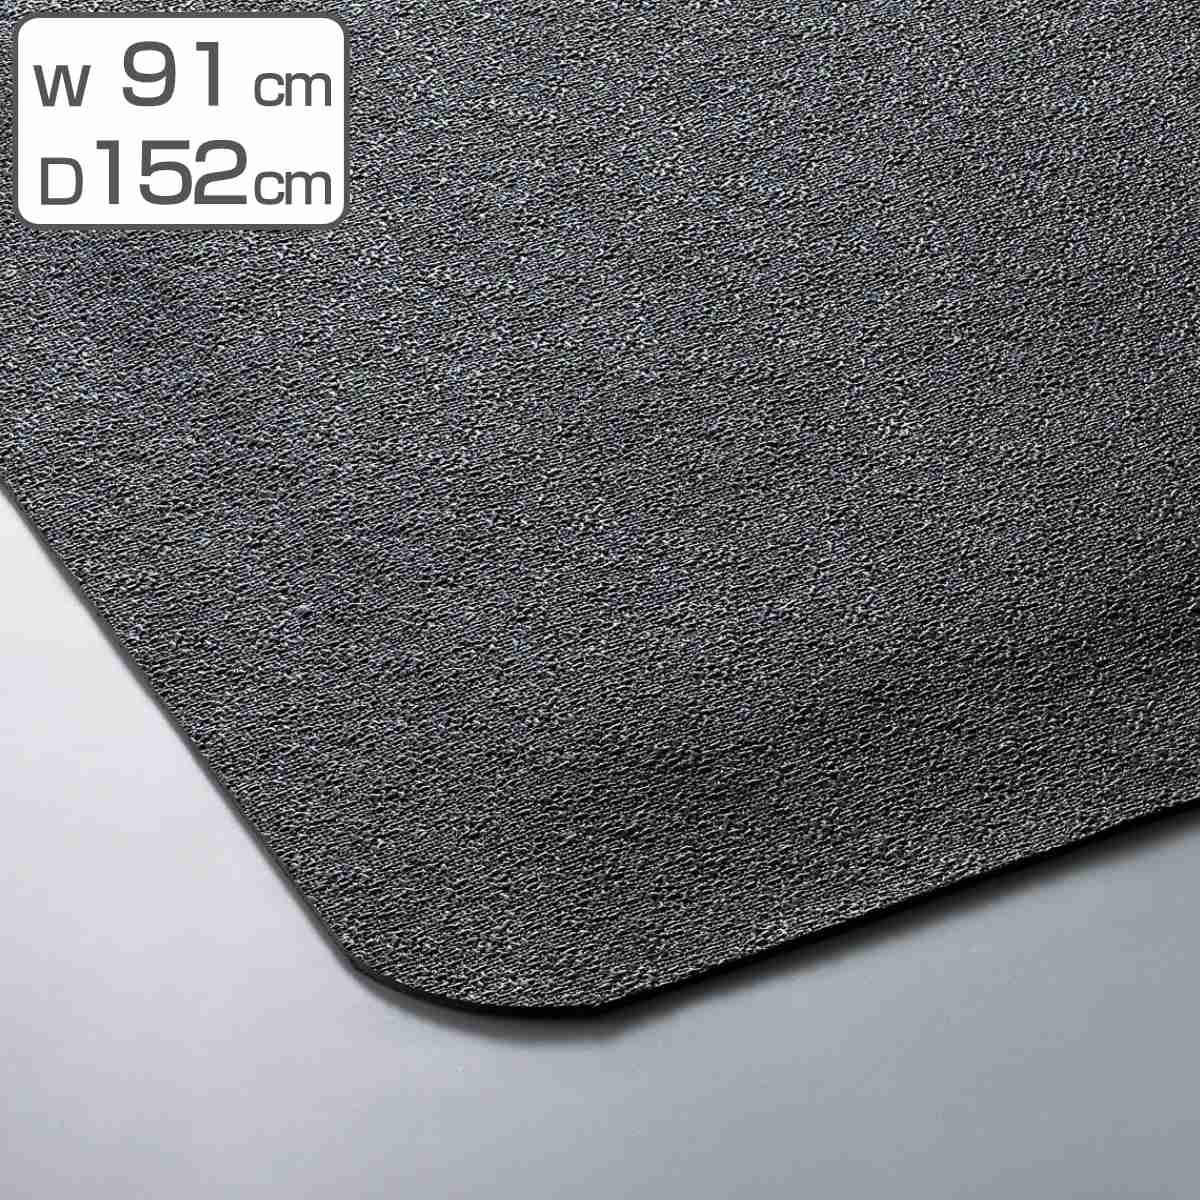 滑り止め難燃性マット ケアソフト アンチファイヤー 910×1520 (山崎産業 送料無料 ) 【5000円以上送料無料】